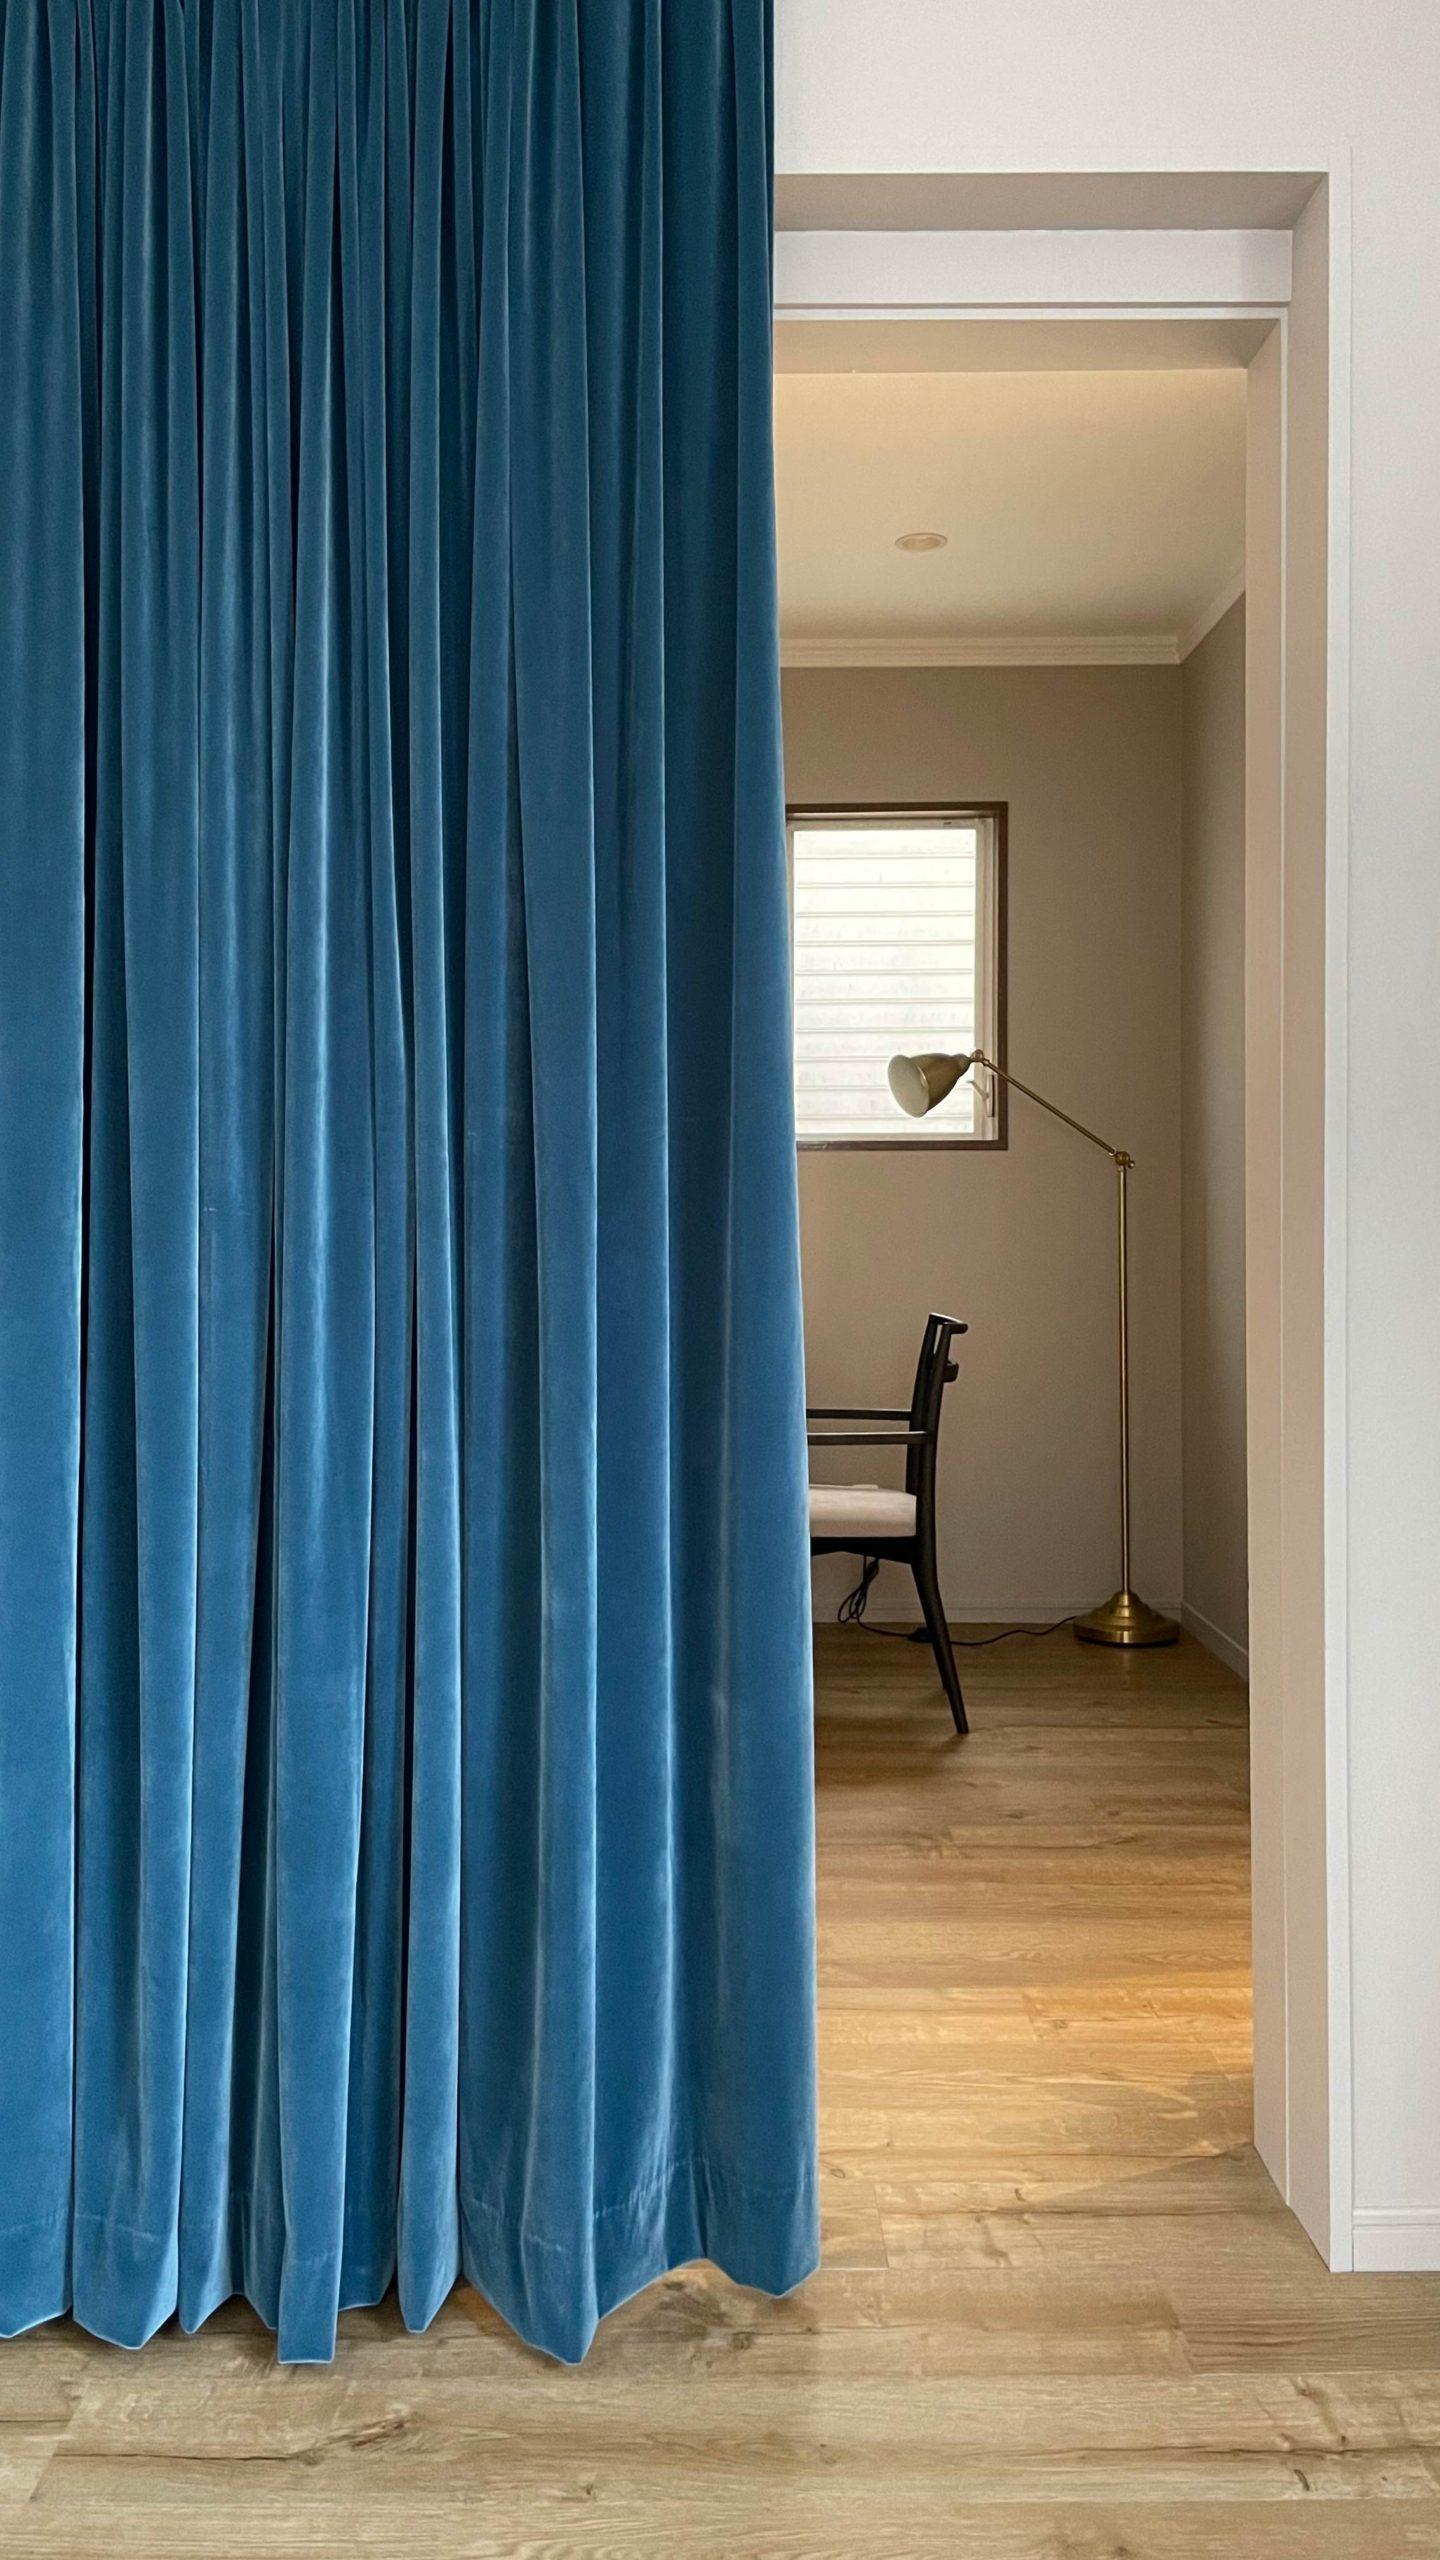 アルゴリズムがコーディネートを手がけたサロンの施術室の深いブルーのカーテン